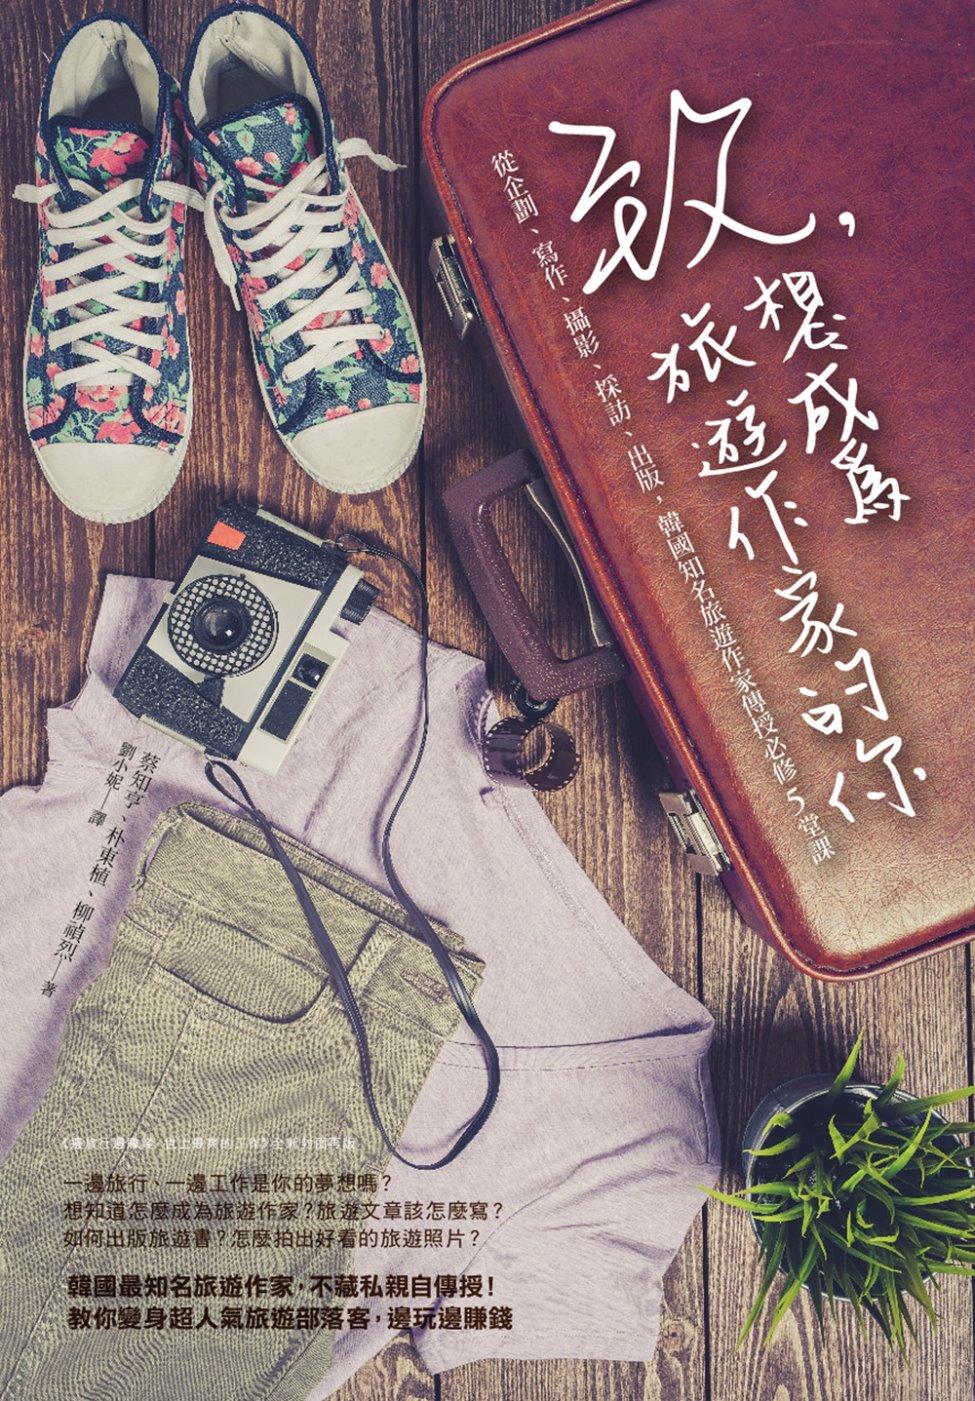 致,想成為旅遊作家的你:從企劃、寫作、攝影、採訪、出版,韓國知名旅遊作家傳授必修5堂課